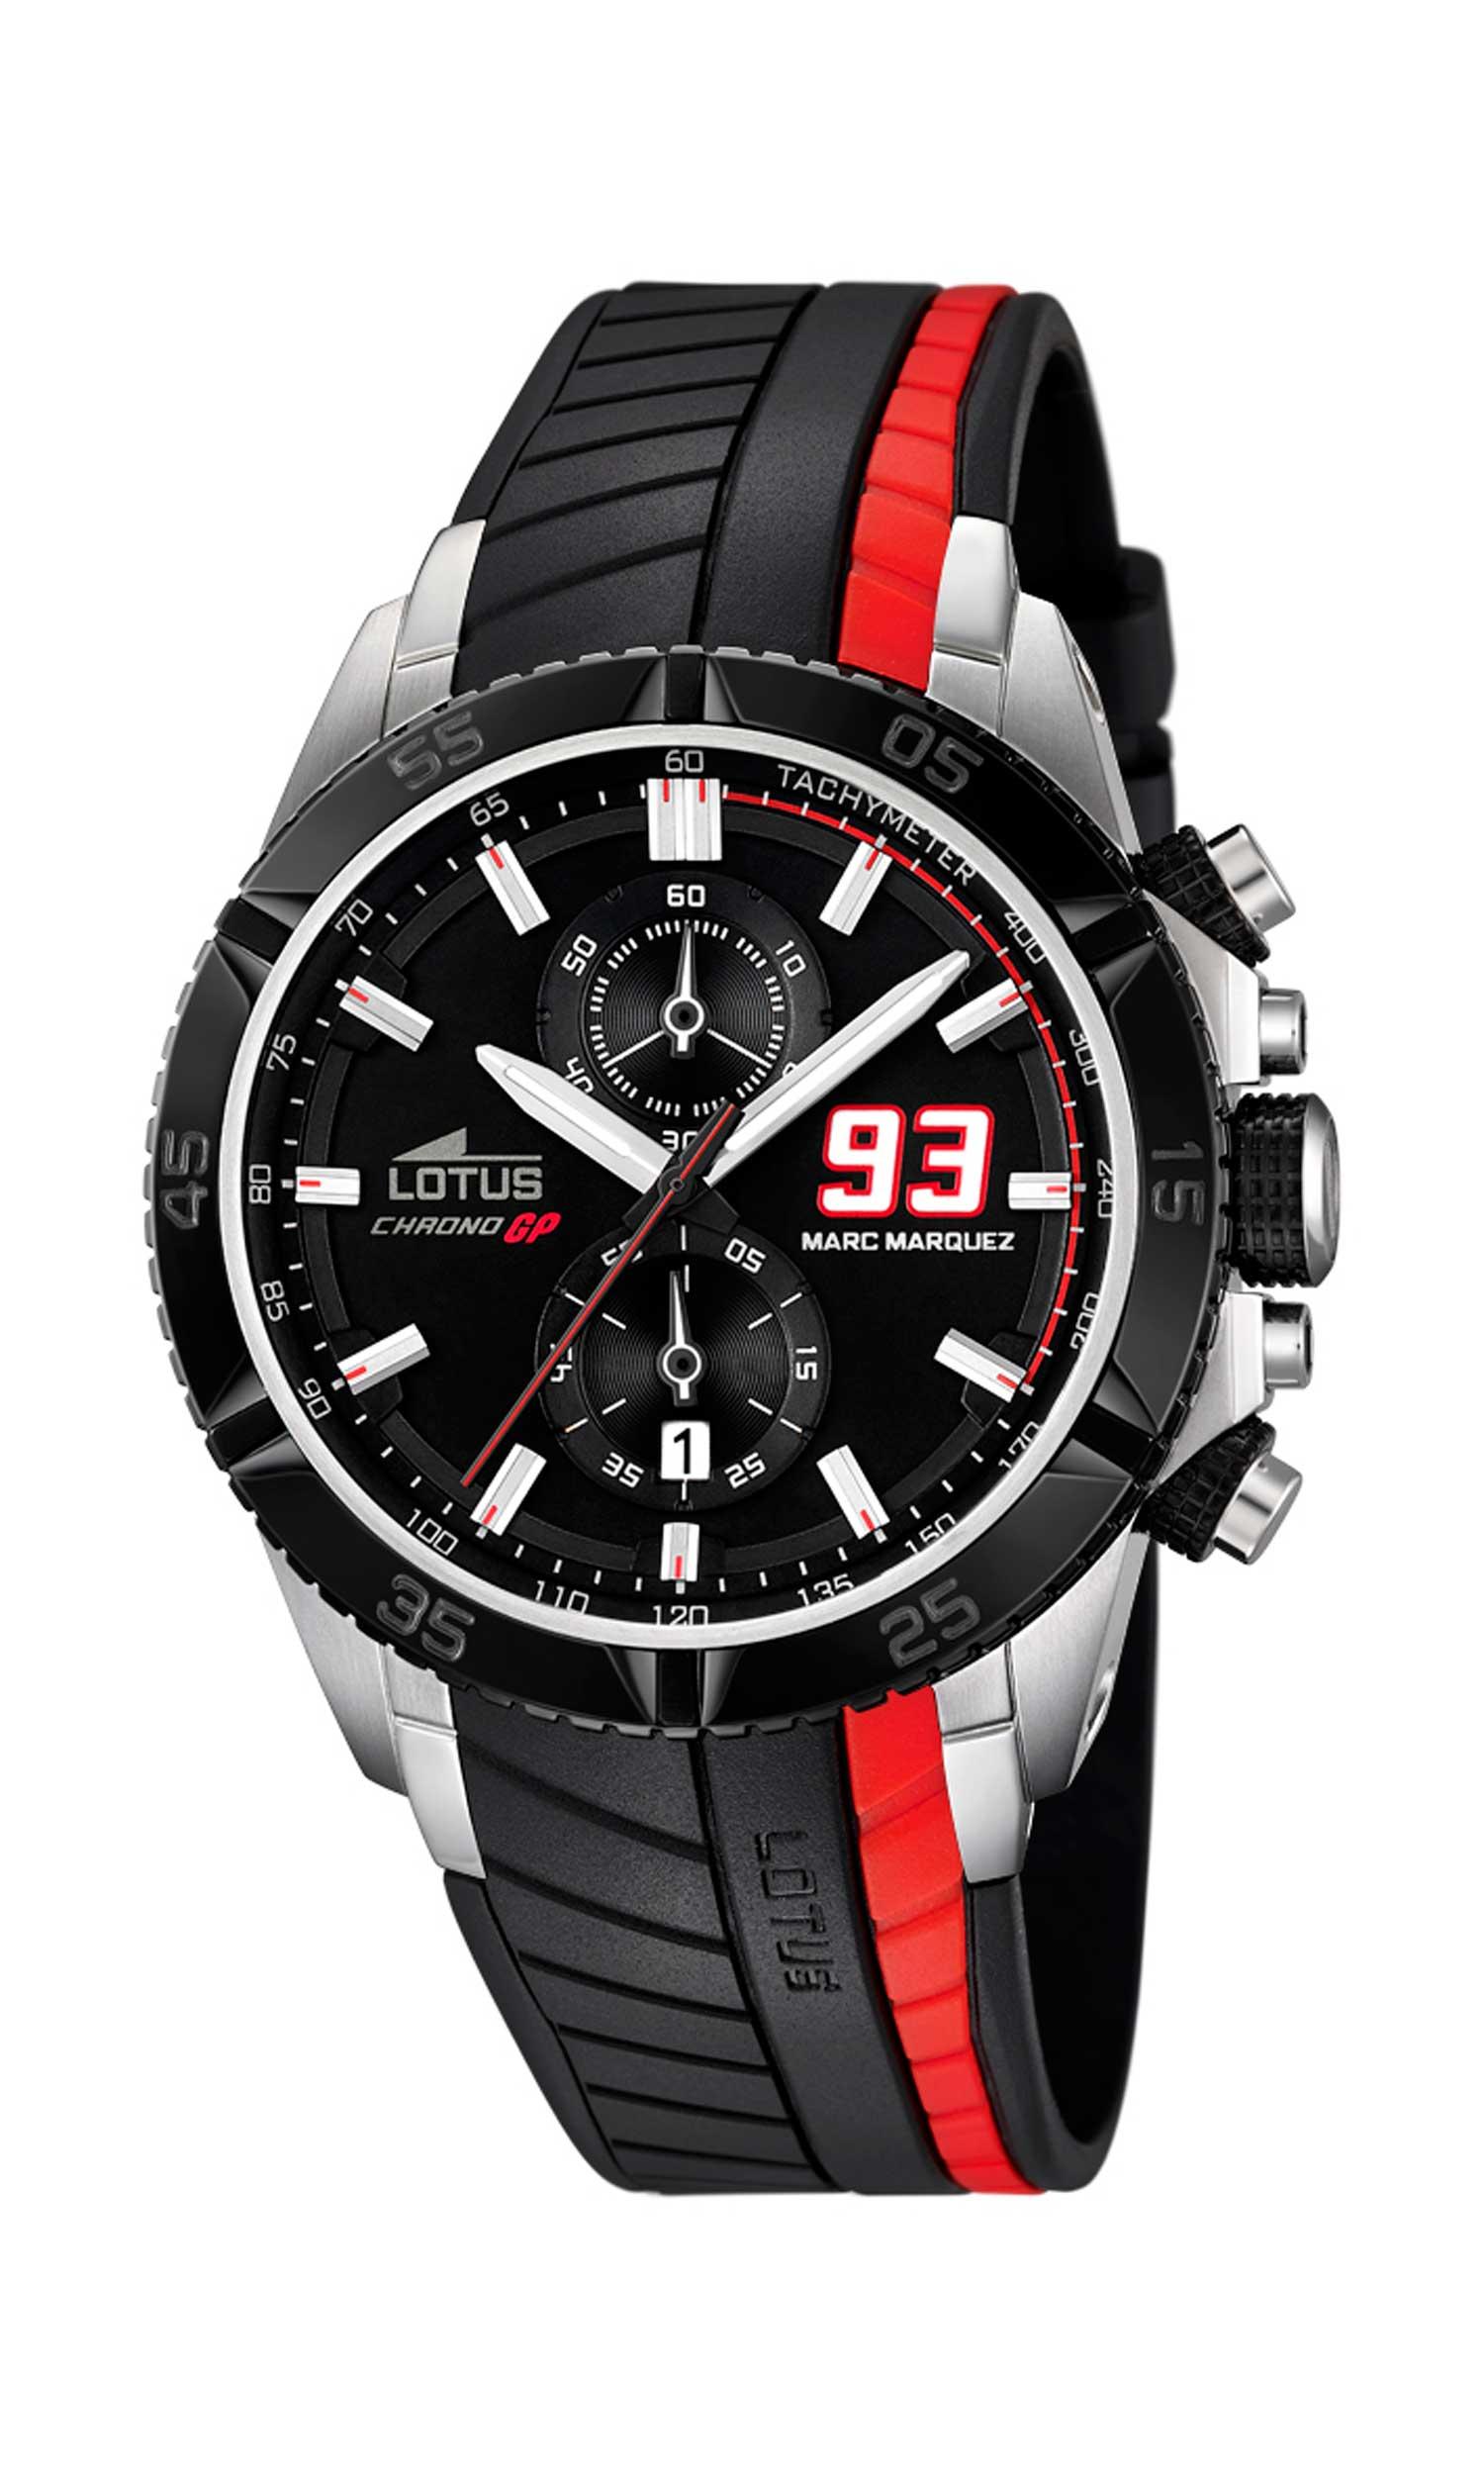 Marc-Marquez-£169-LOTUS-black.red